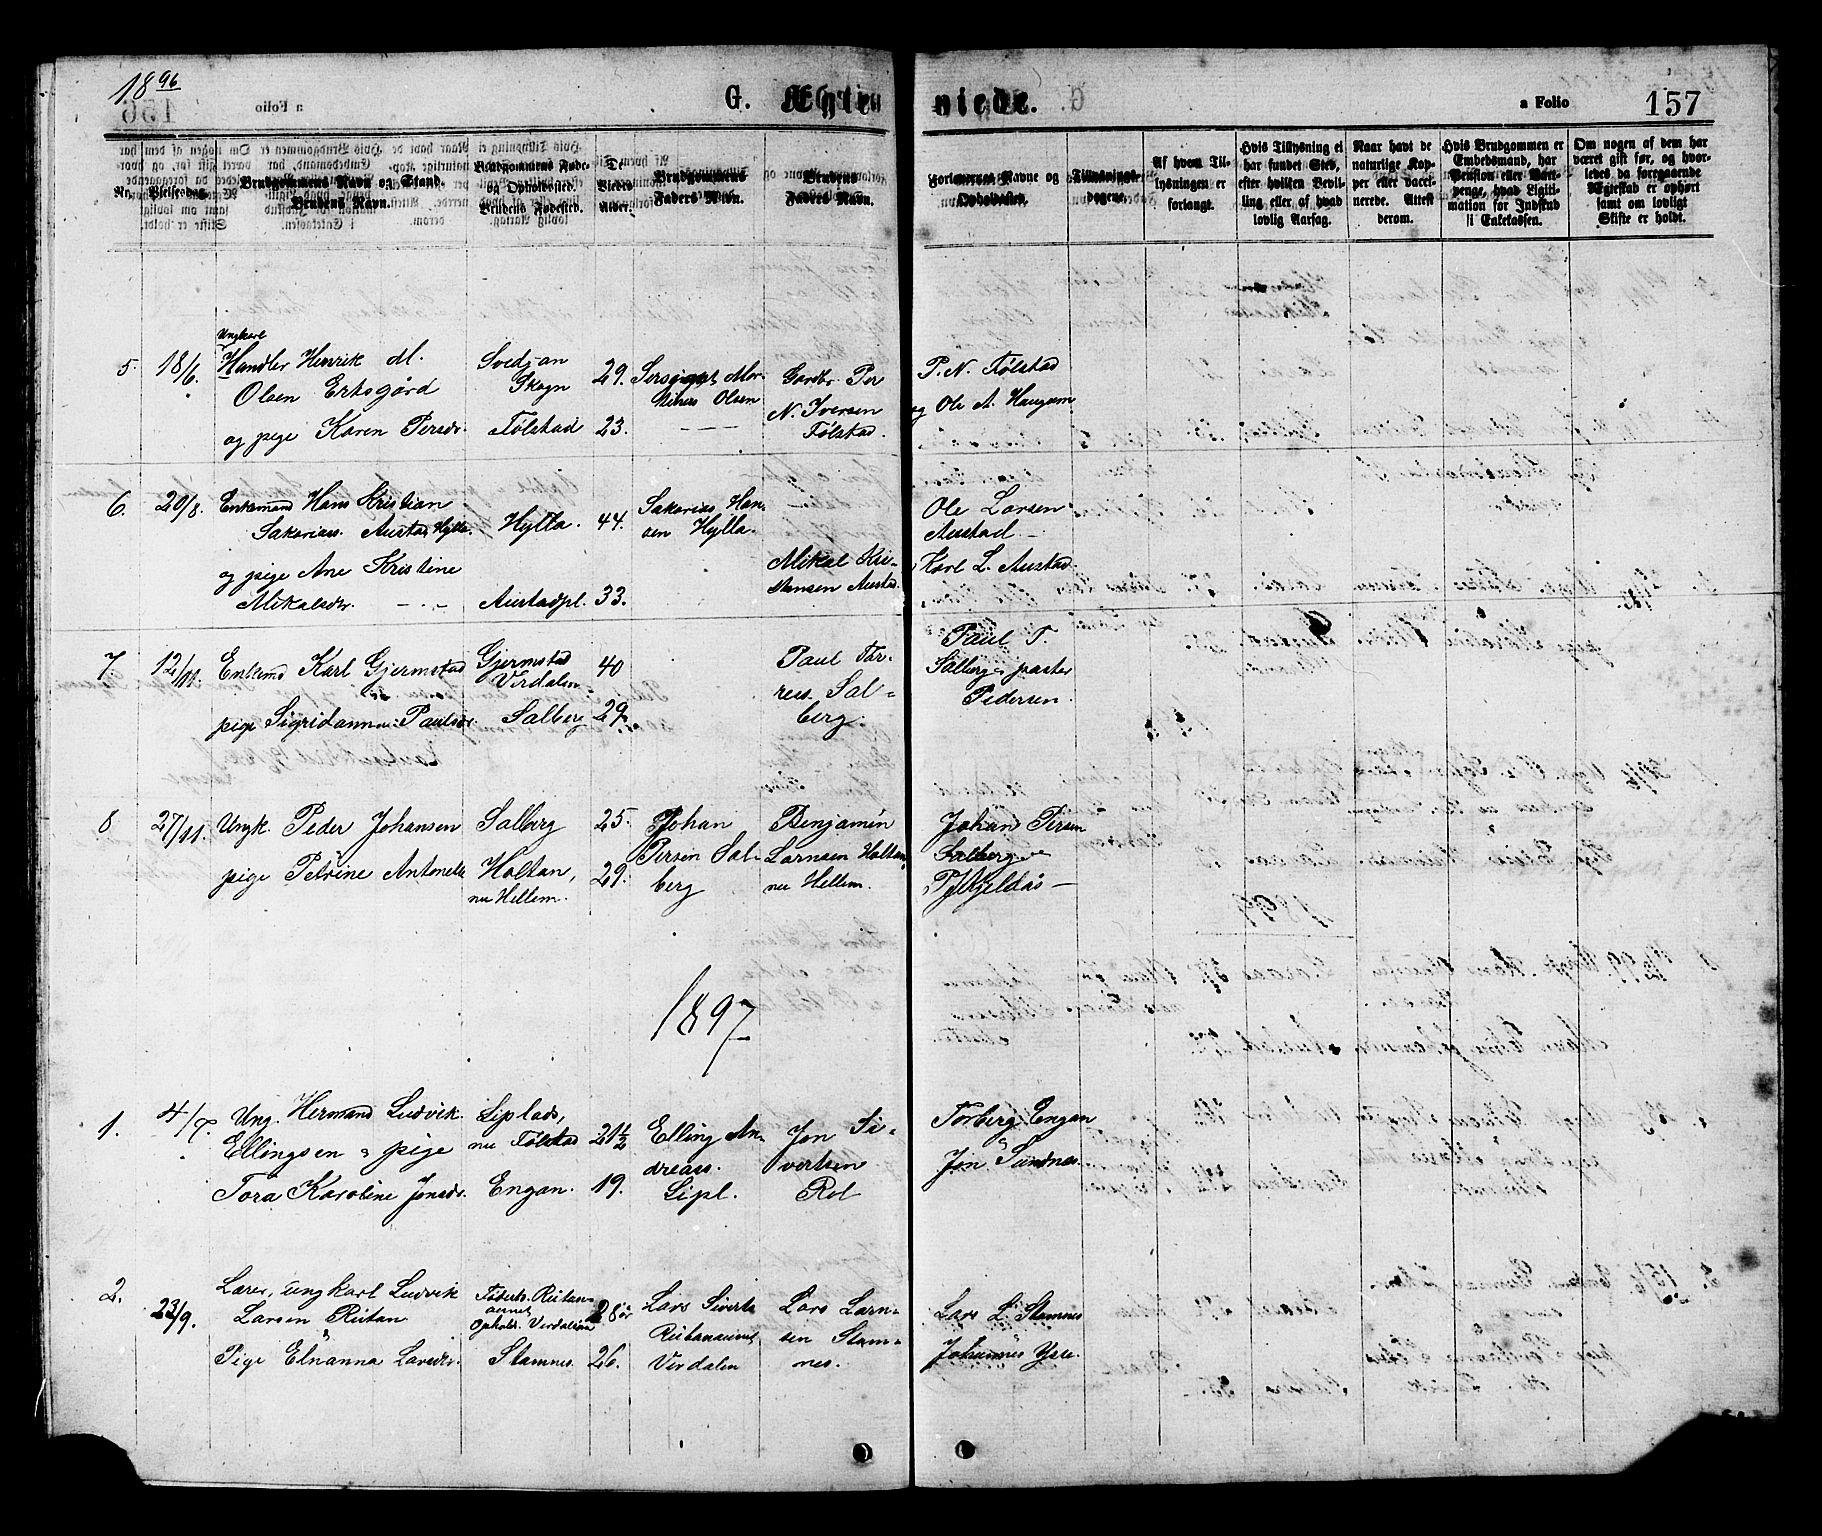 SAT, Ministerialprotokoller, klokkerbøker og fødselsregistre - Nord-Trøndelag, 731/L0311: Klokkerbok nr. 731C02, 1875-1911, s. 157